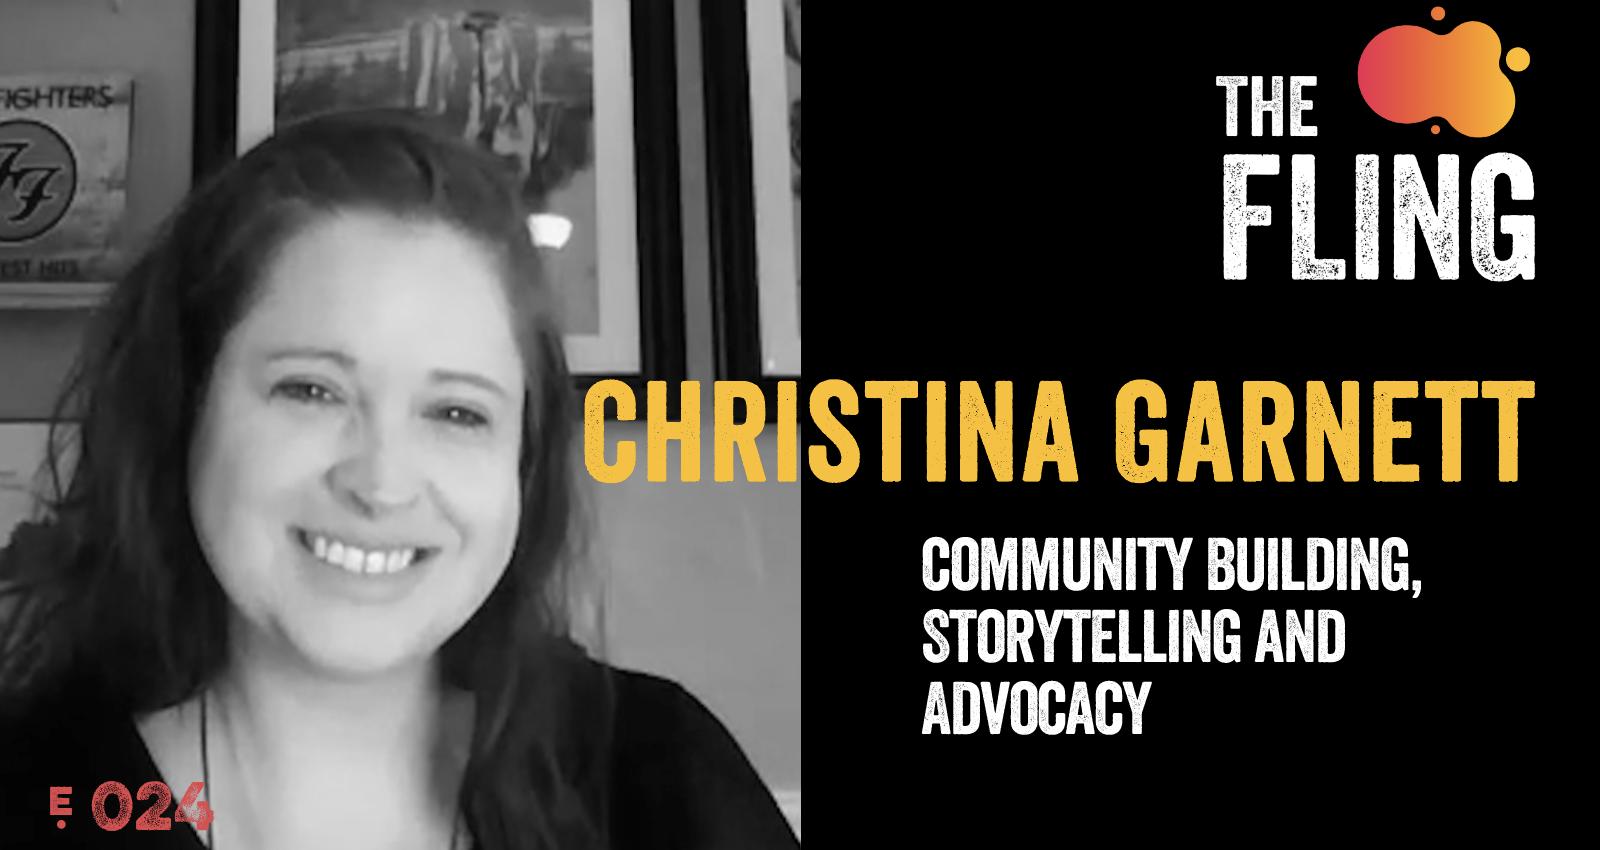 Christina Garnett on Community Building, Storytelling and Advocacy